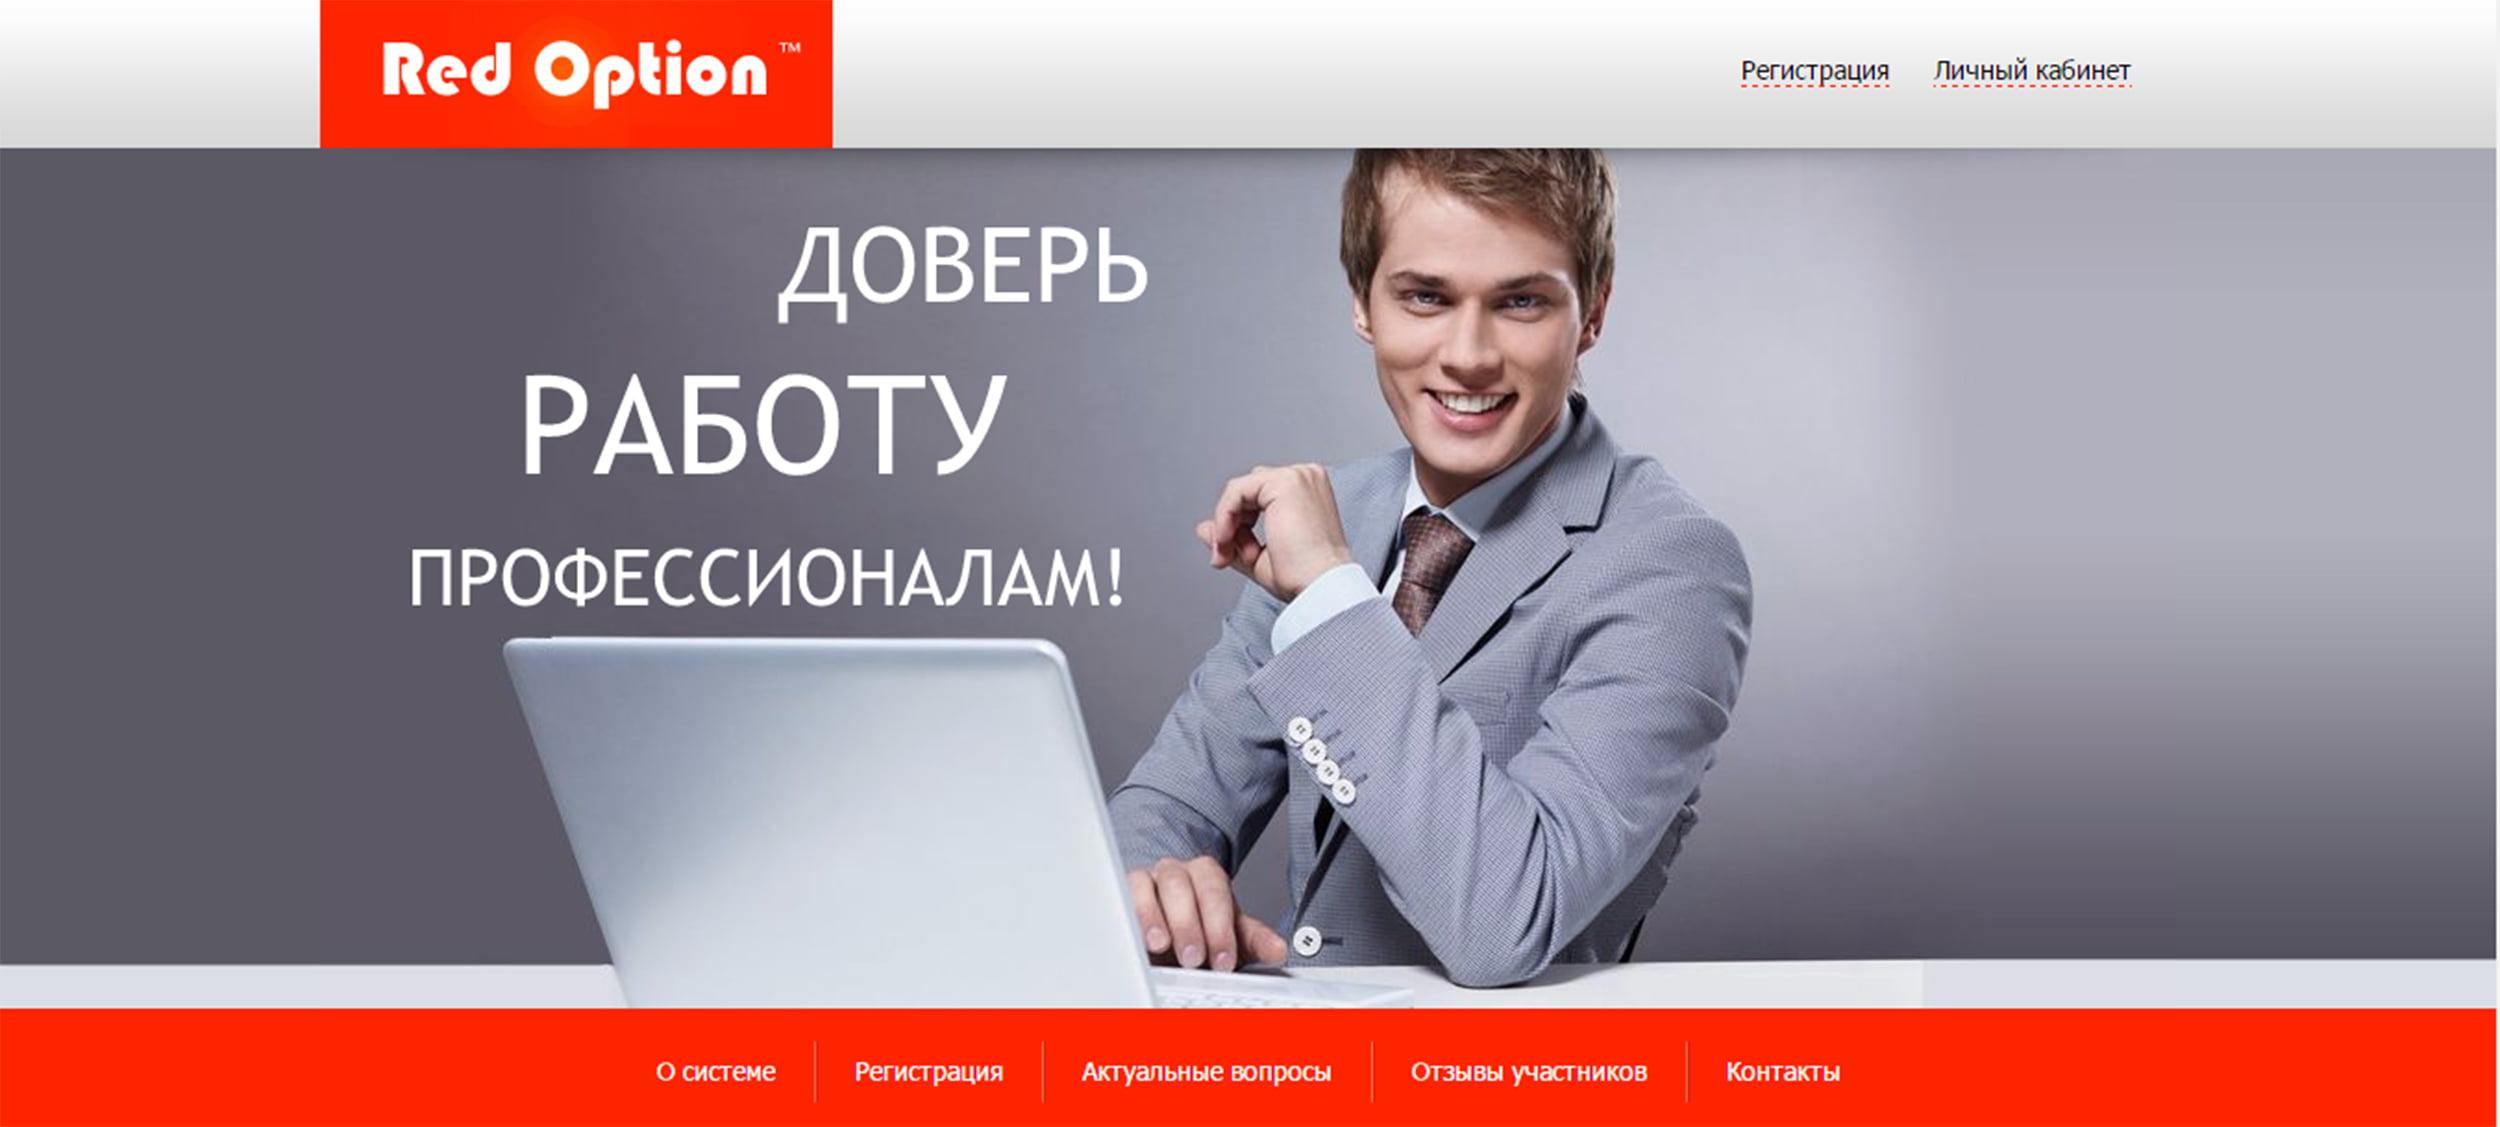 Официальный сайт RedOption